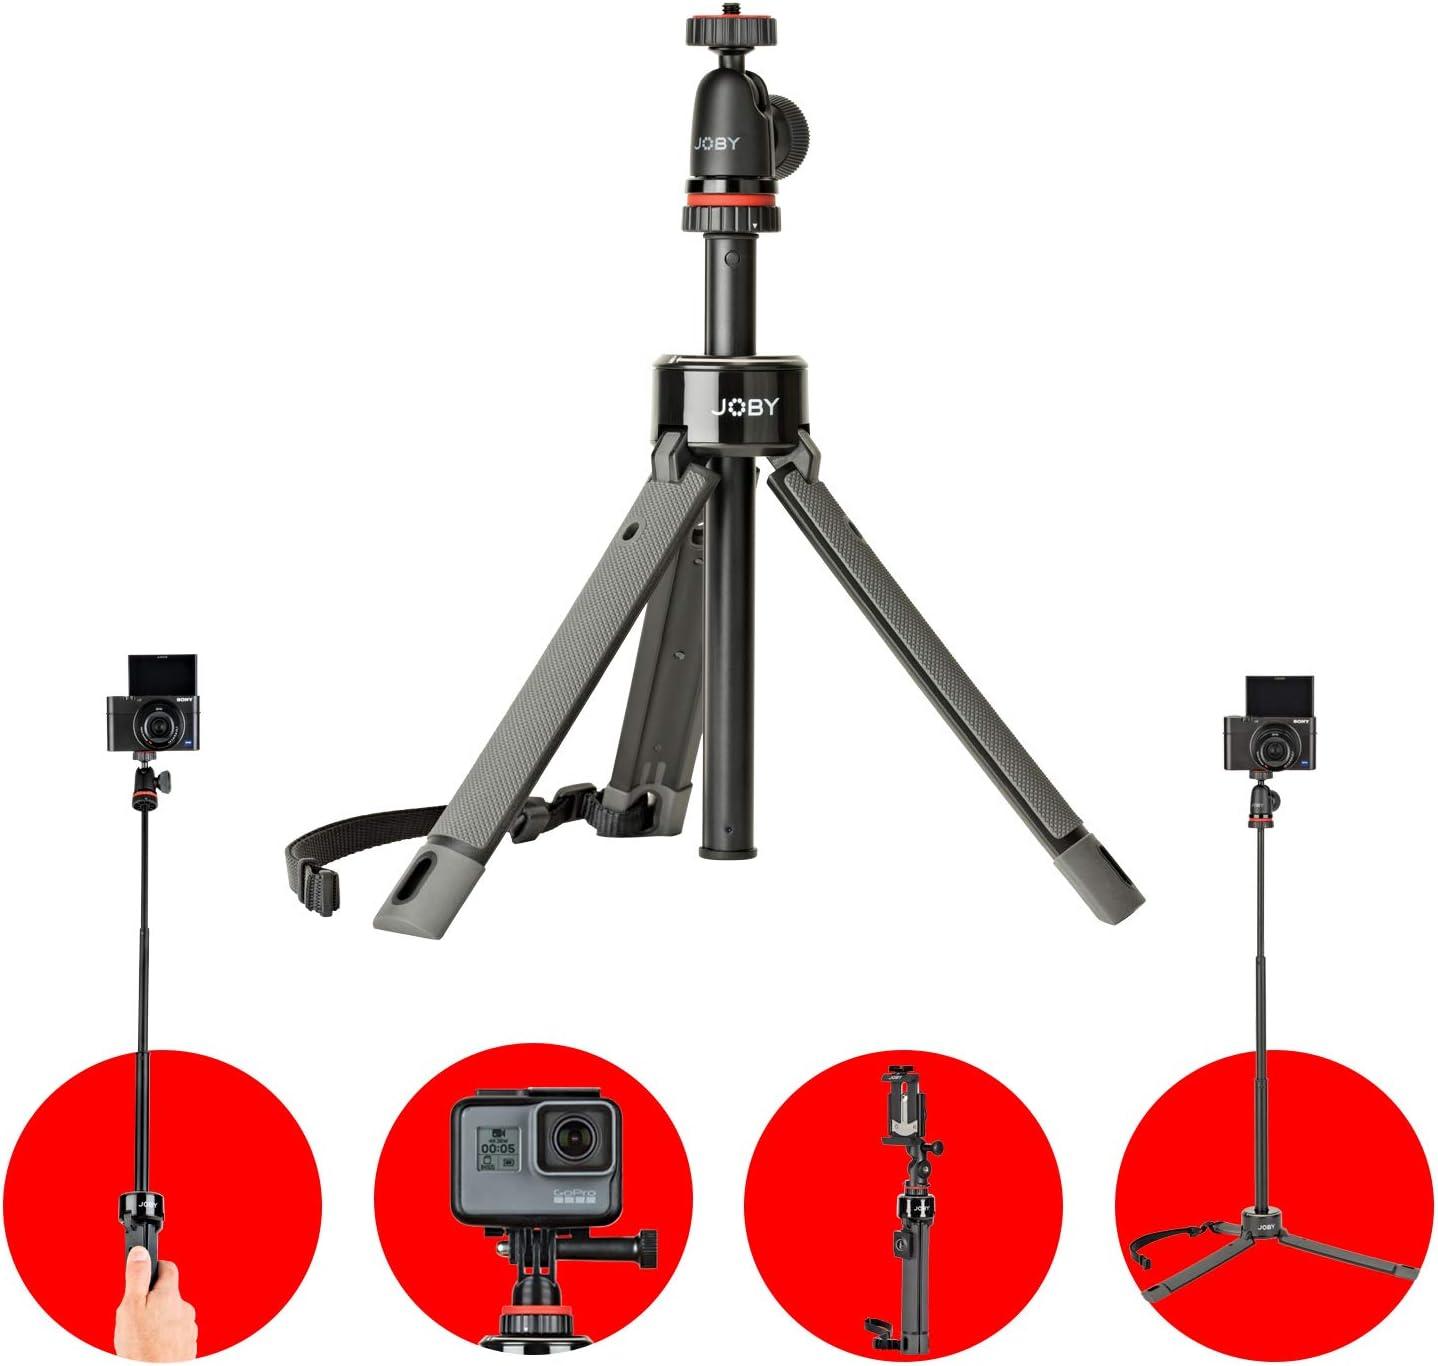 Trípode JOBY TelePod Pro, Extensible, 360º, Palo Selfie con Cabezal de Bola Para Smartphone, Cámara Réflex, Cámara de Acción, Vlogging, Youtube, Tik Tok